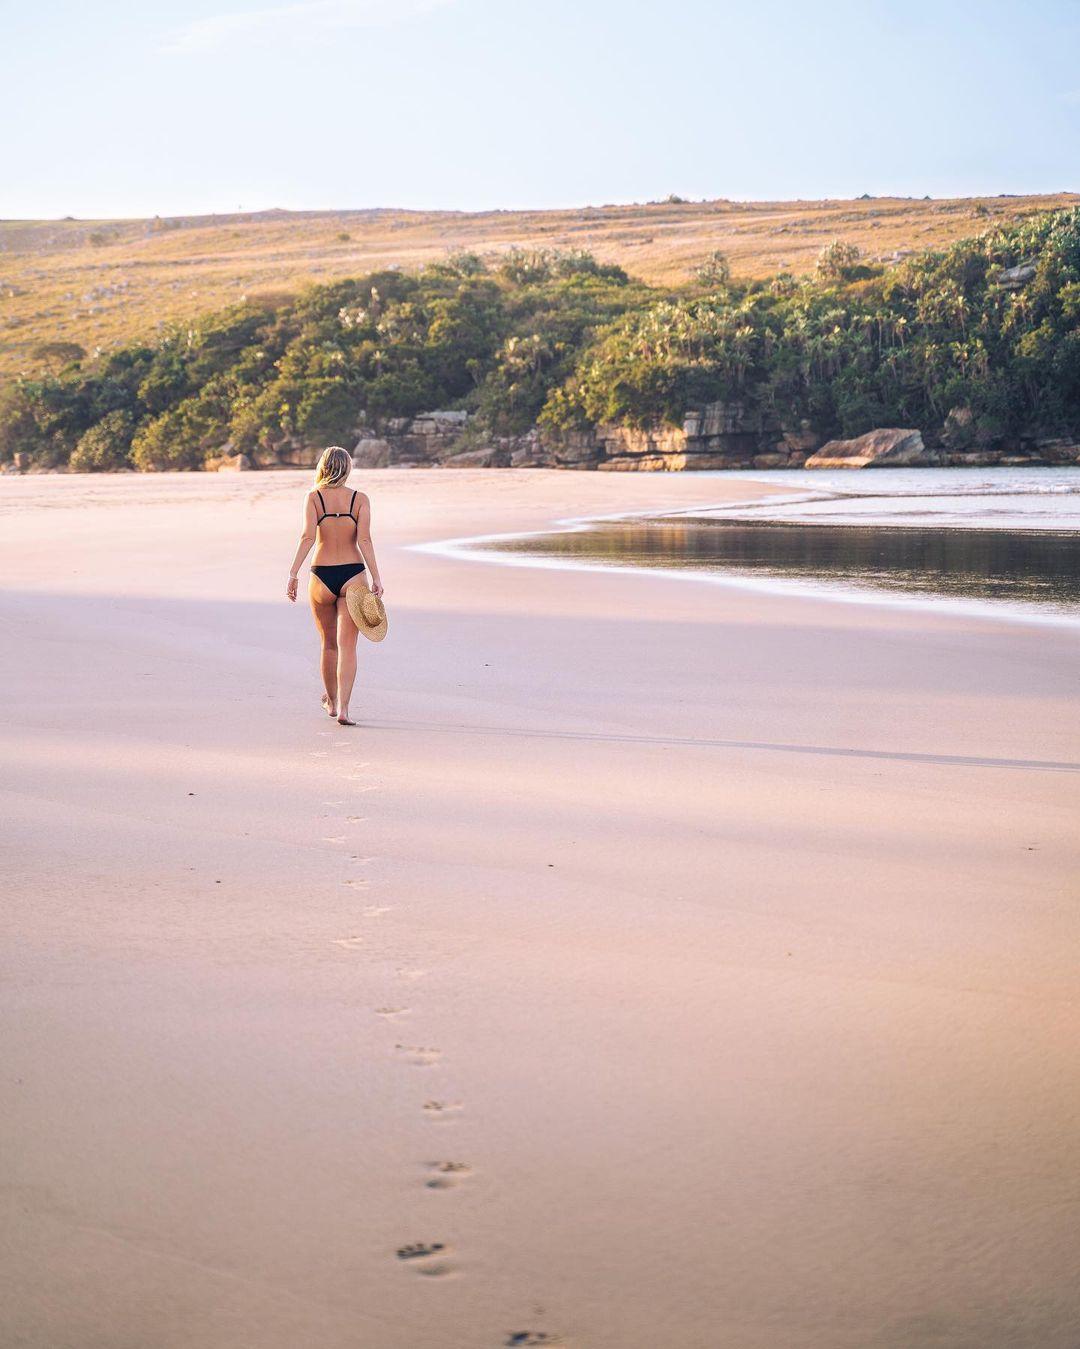 coffee bay beach image